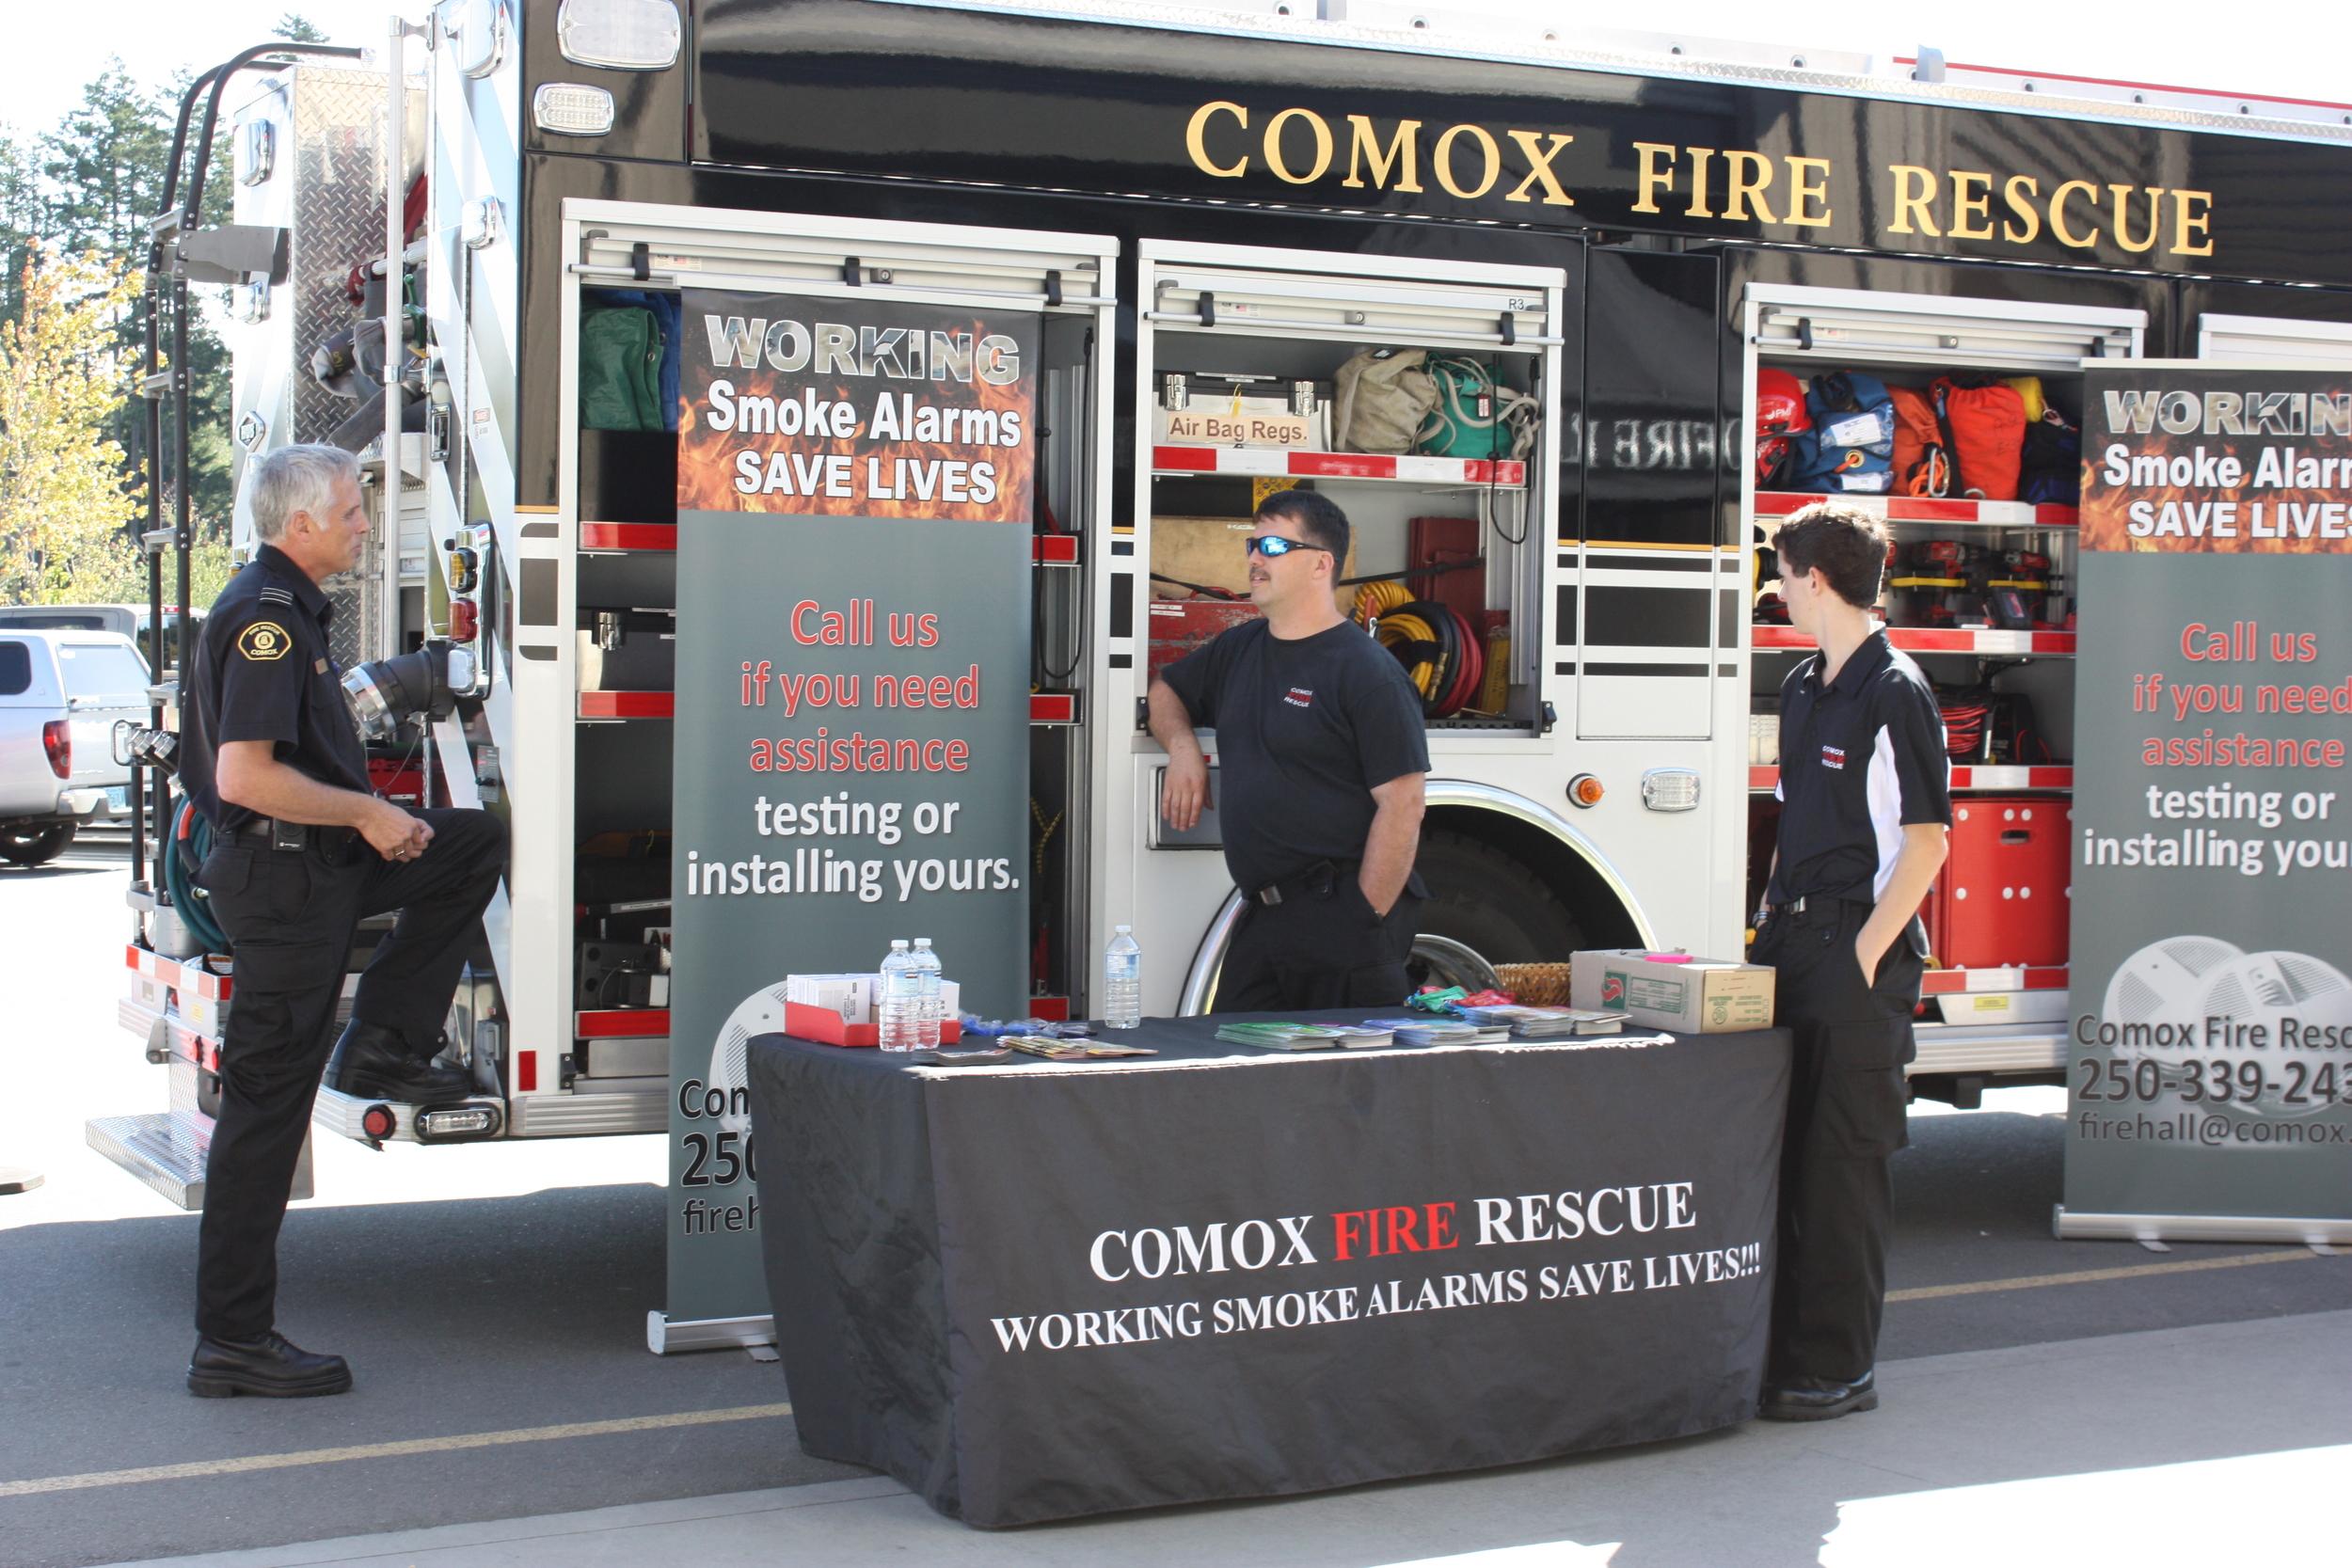 Working smoke alarms save lives!